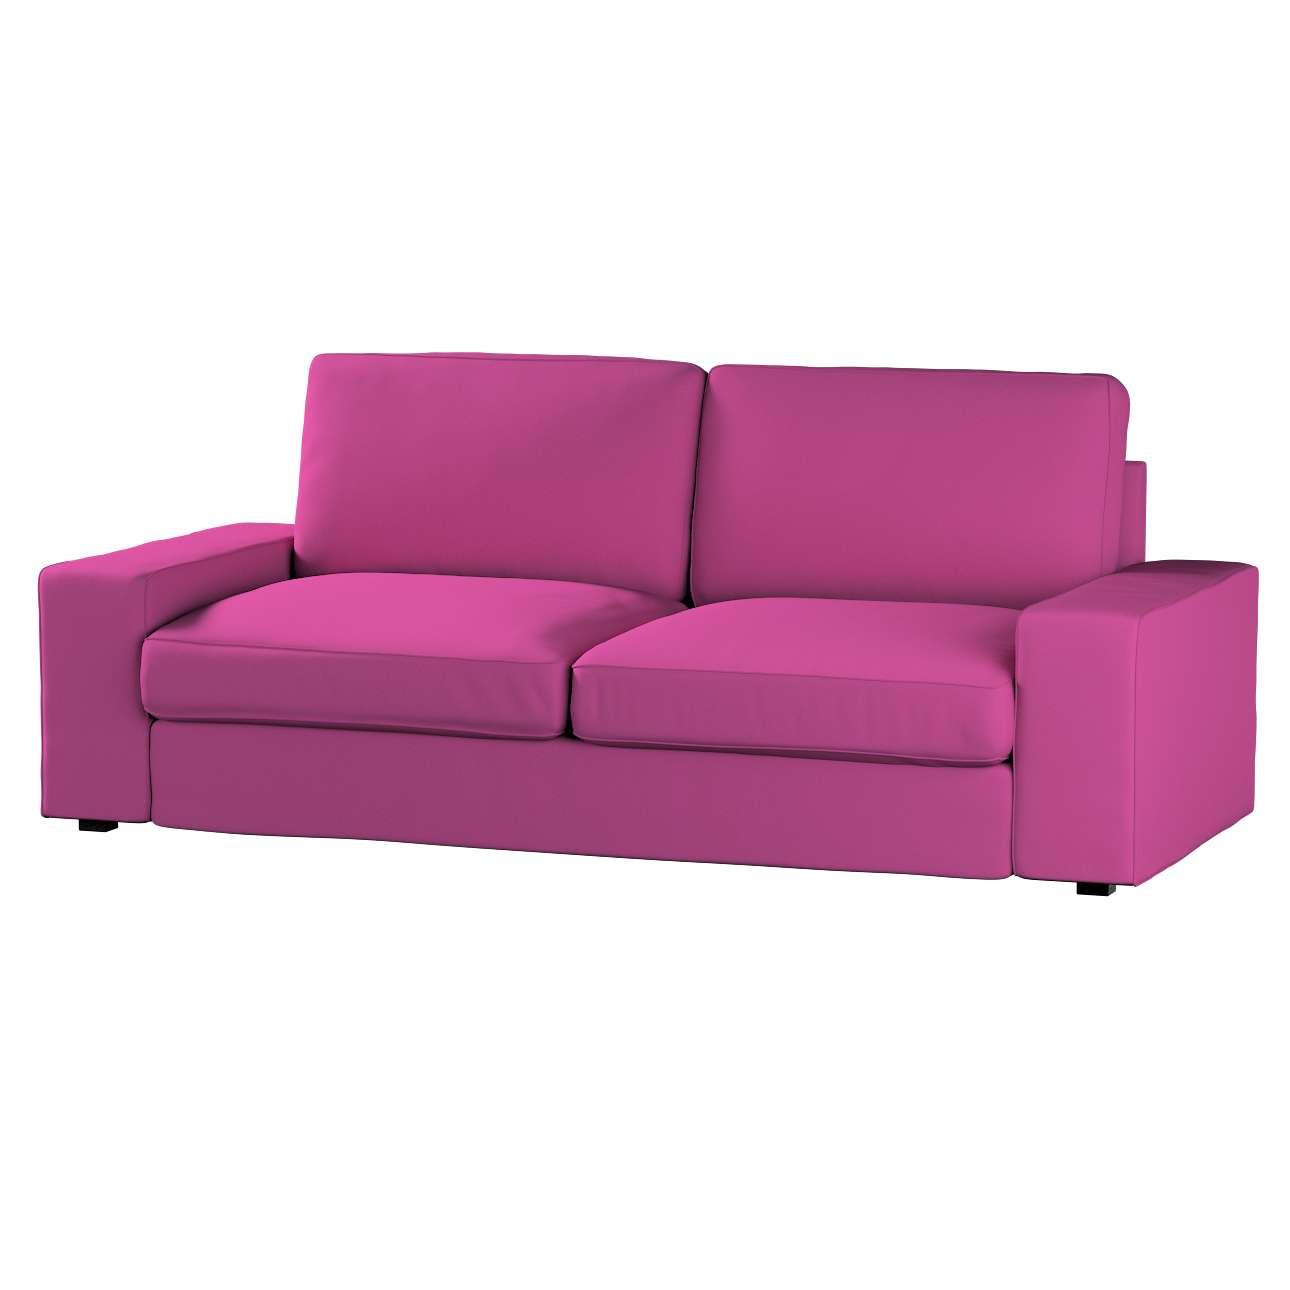 KIVIK trivietės sofos užvalkalas Kivik 3-seat sofa kolekcijoje Etna , audinys: 705-23